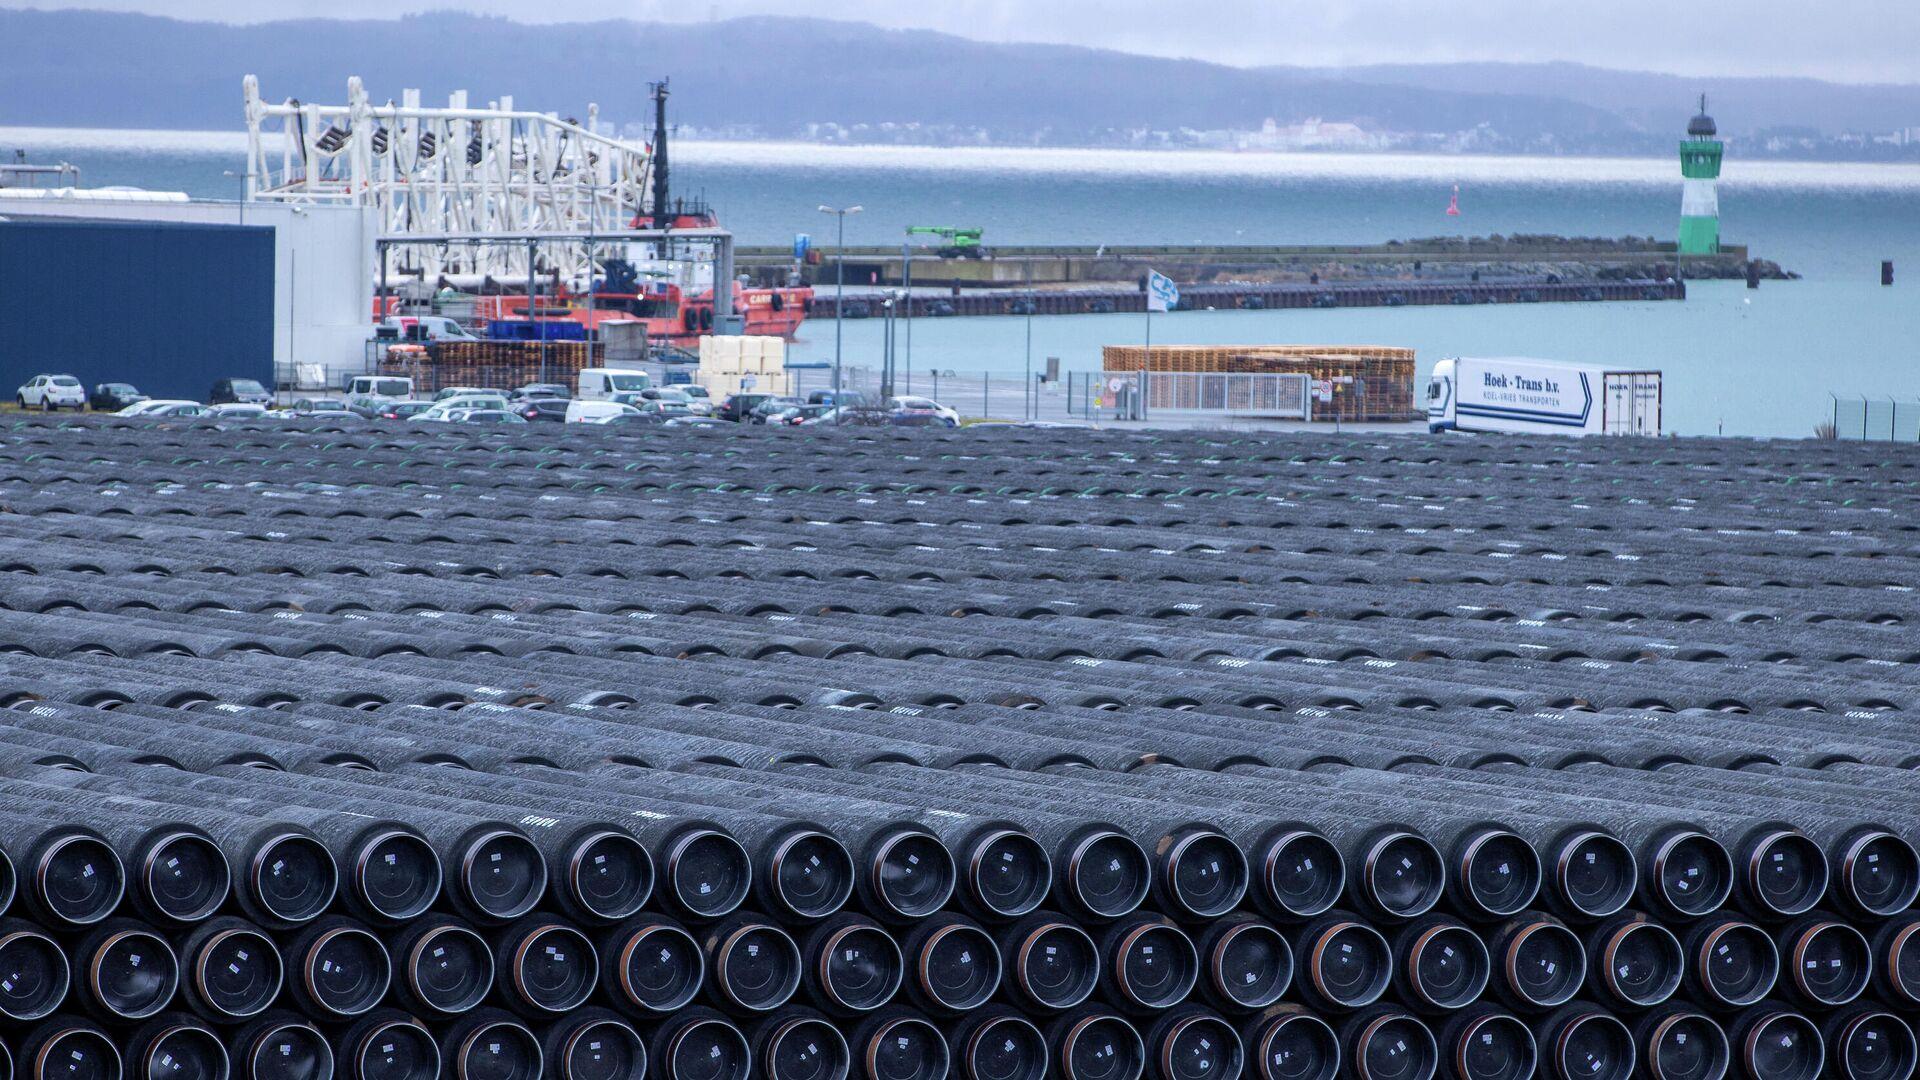 Трубы для строительства газопровода Северный поток 2 - РИА Новости, 1920, 23.03.2021